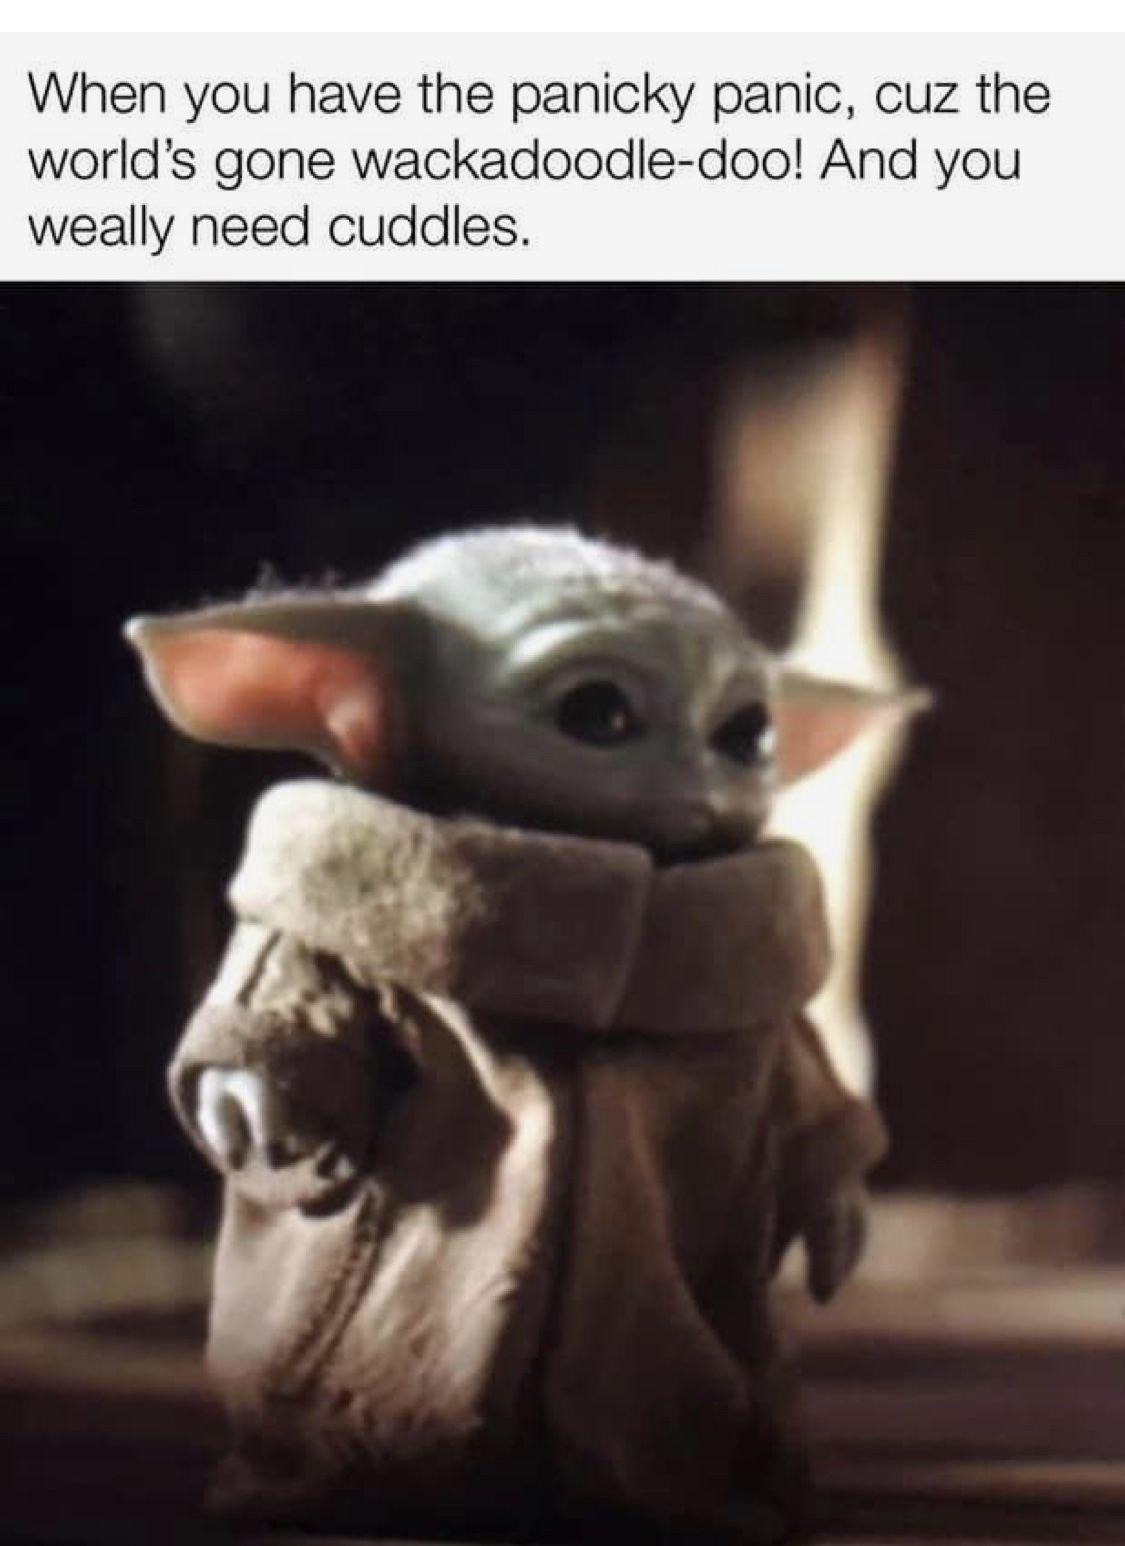 Pin By Anne Gabriel On Baby Yoda Funny Star Wars Memes Yoda Star Wars Humor